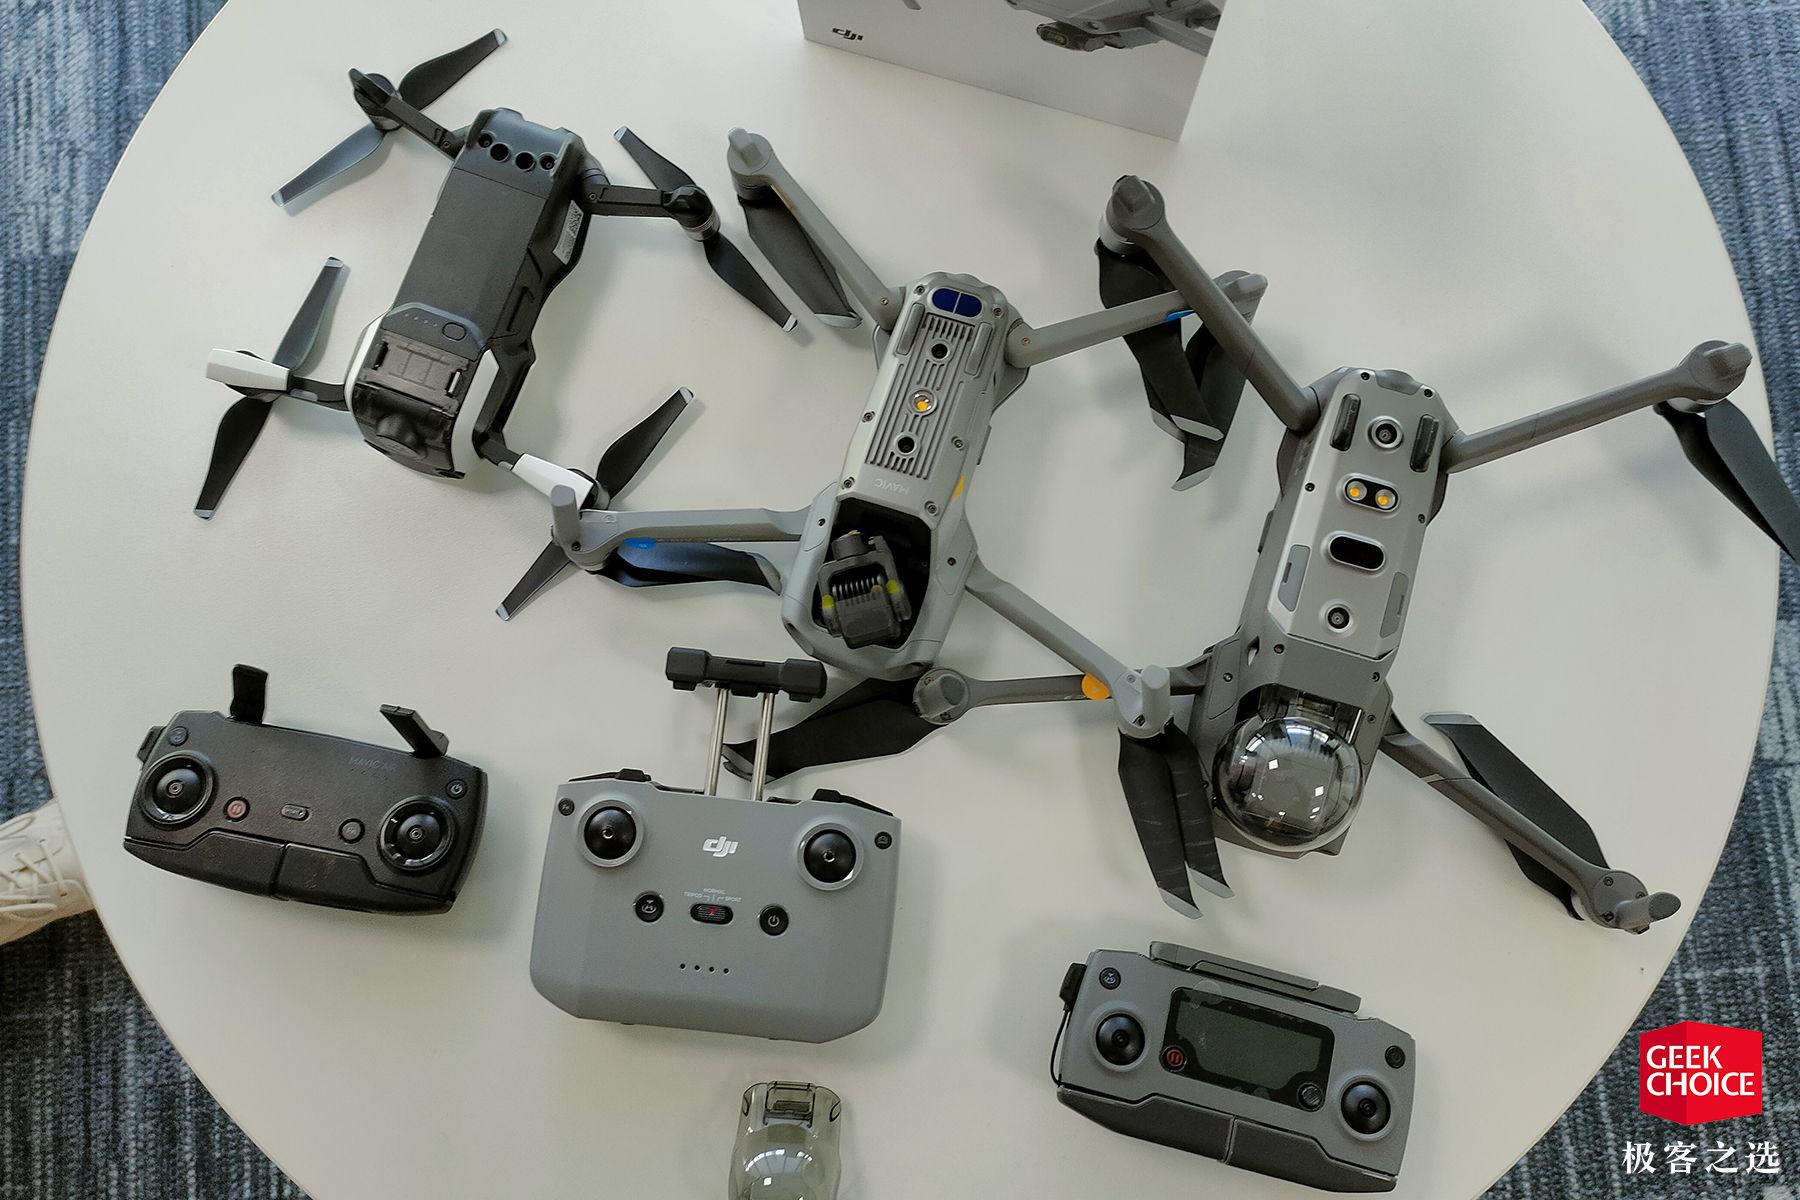 即使是菜鸟,天博体育网这款聪明的无人机也能让你变身航拍老炮 (/) 公司新闻 第5张